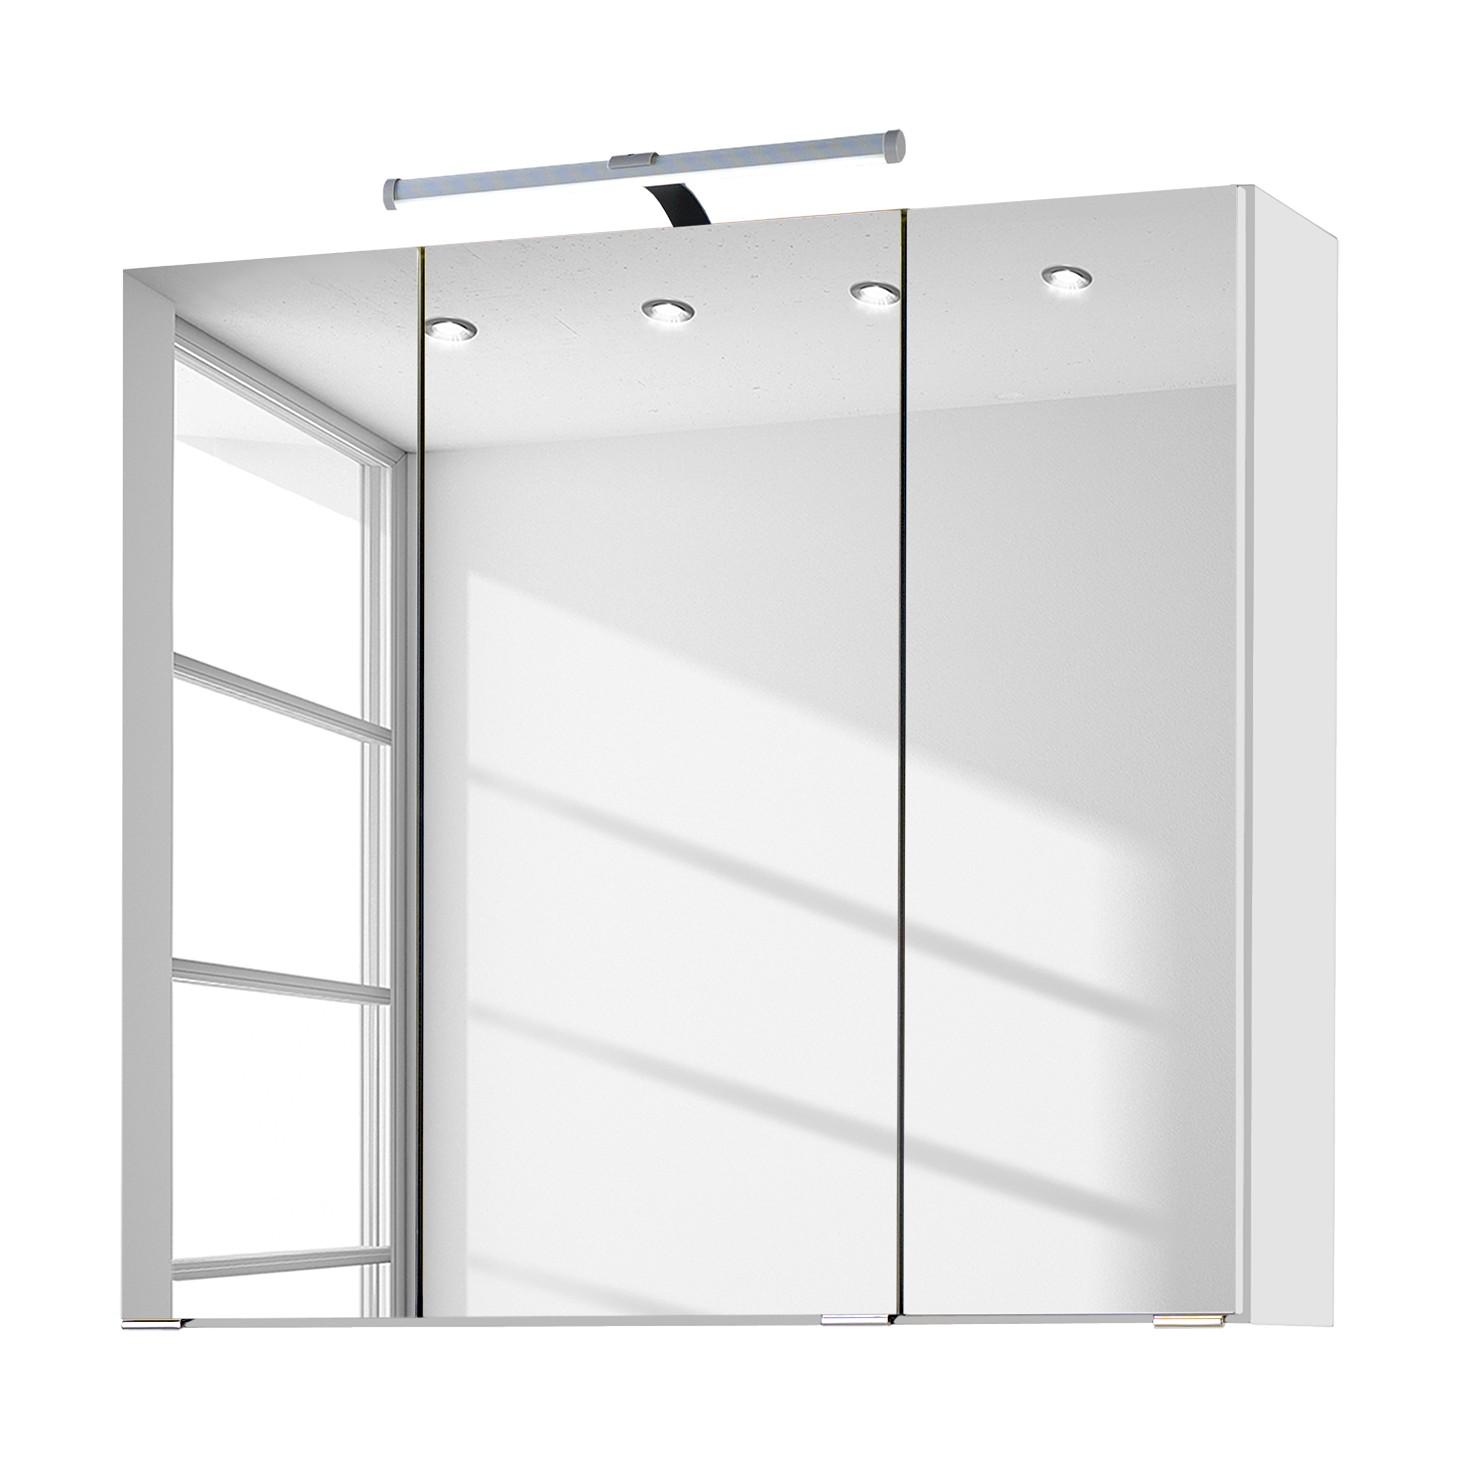 Spiegelschrank bad 70 cm preisvergleich die besten for Spiegelschrank 70